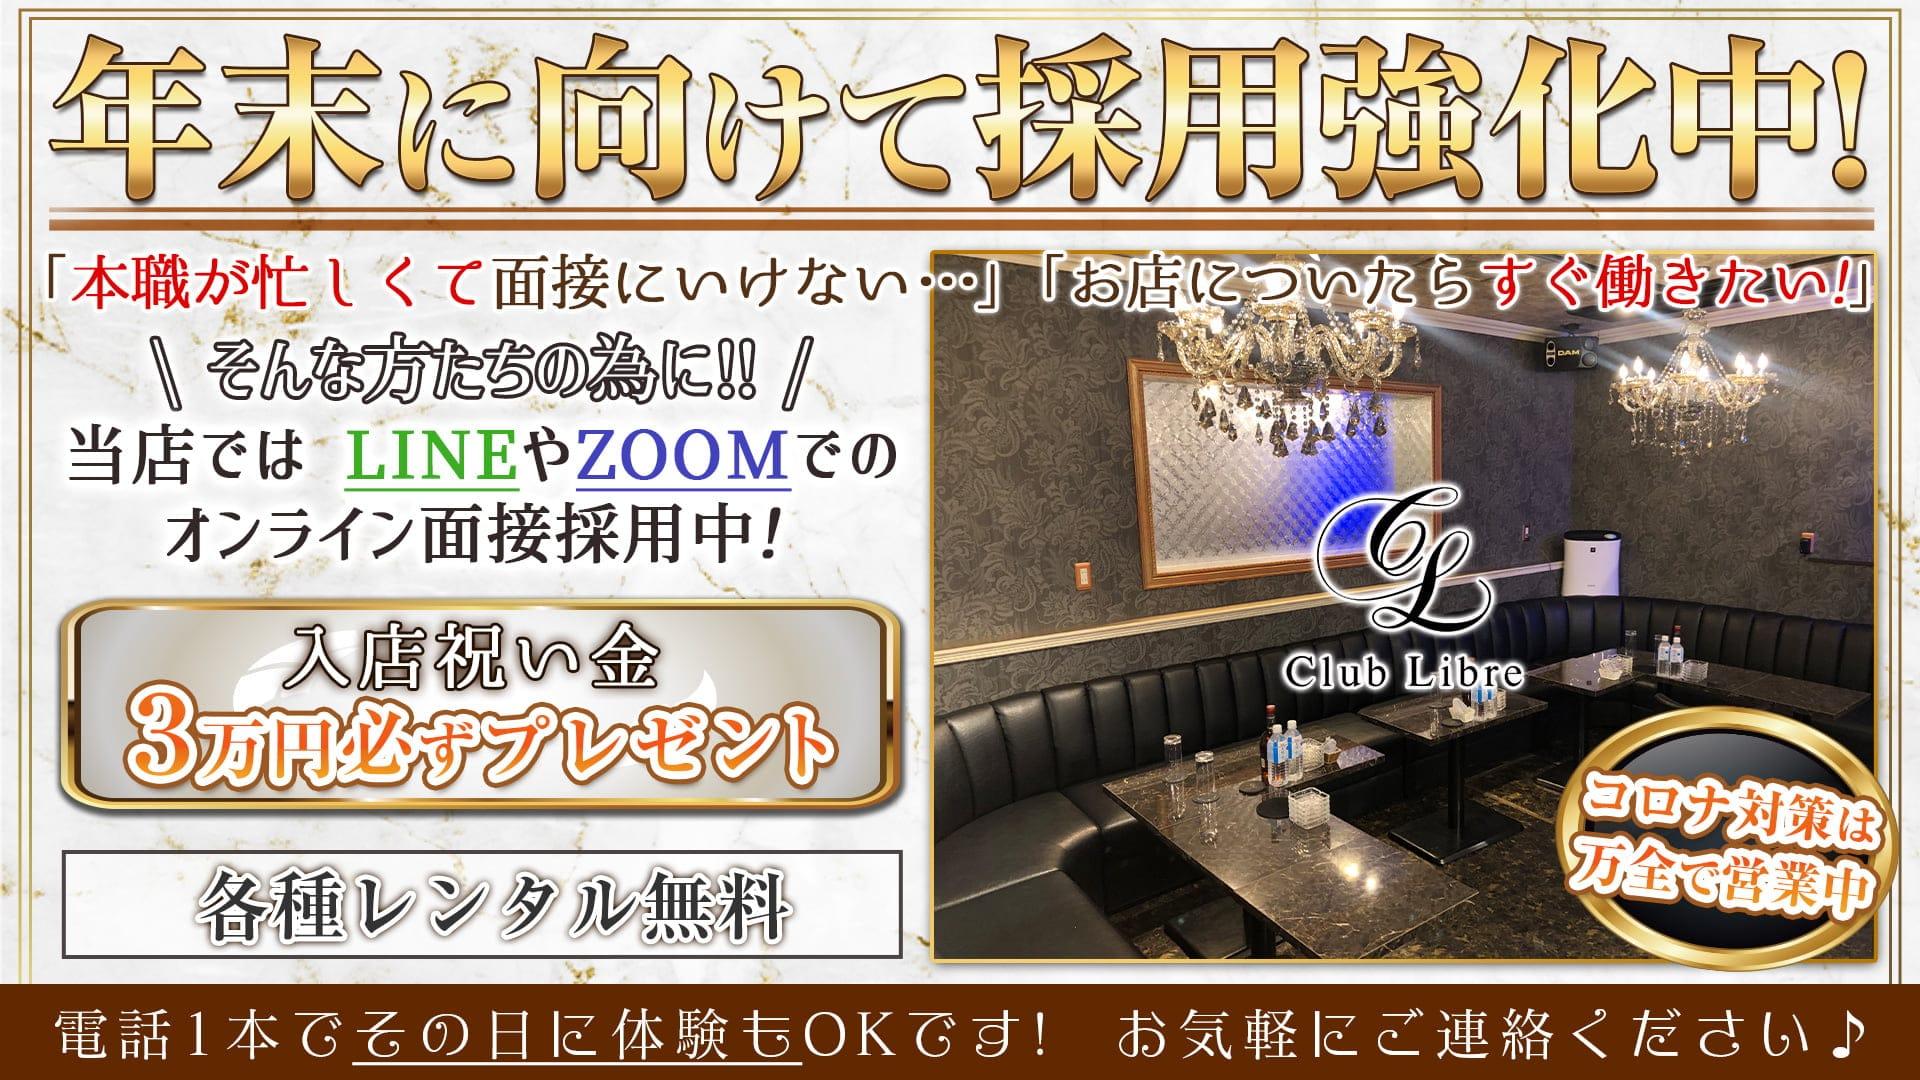 【大山】Club Libre(リーブル)【公式求人・体入情報】 池袋キャバクラ TOP画像